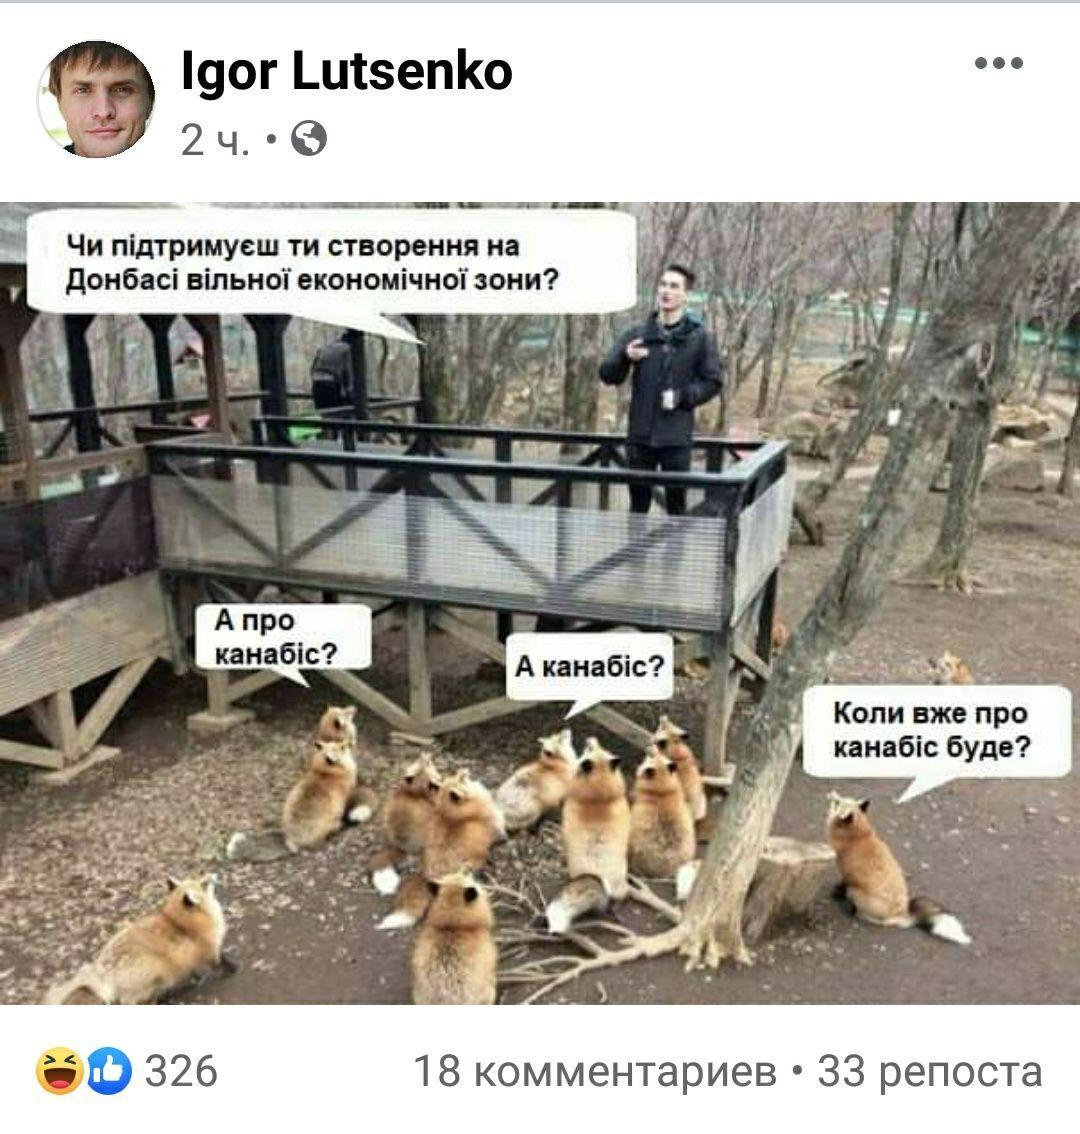 Убитая Эрика и детские анкеты: соцсети не унимаются из-за народного опроса Зеленского - фото 12